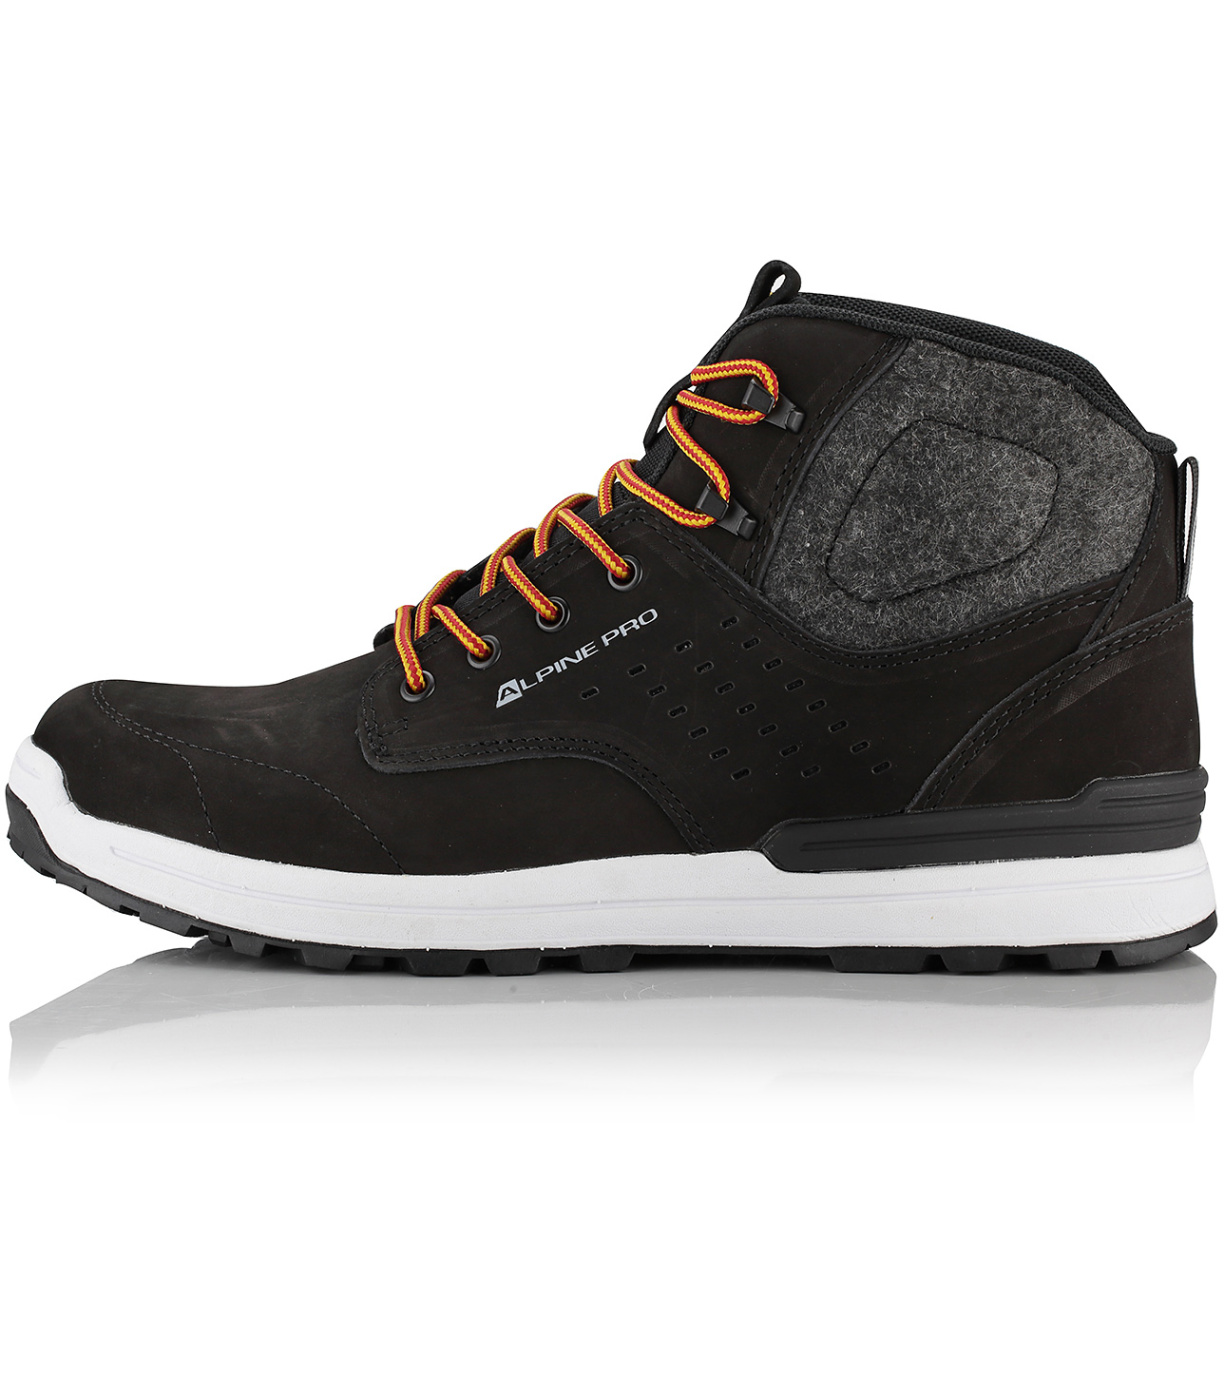 ALPINE PRO HOLLIS Pánská obuv městská MBTP178990 černá 45